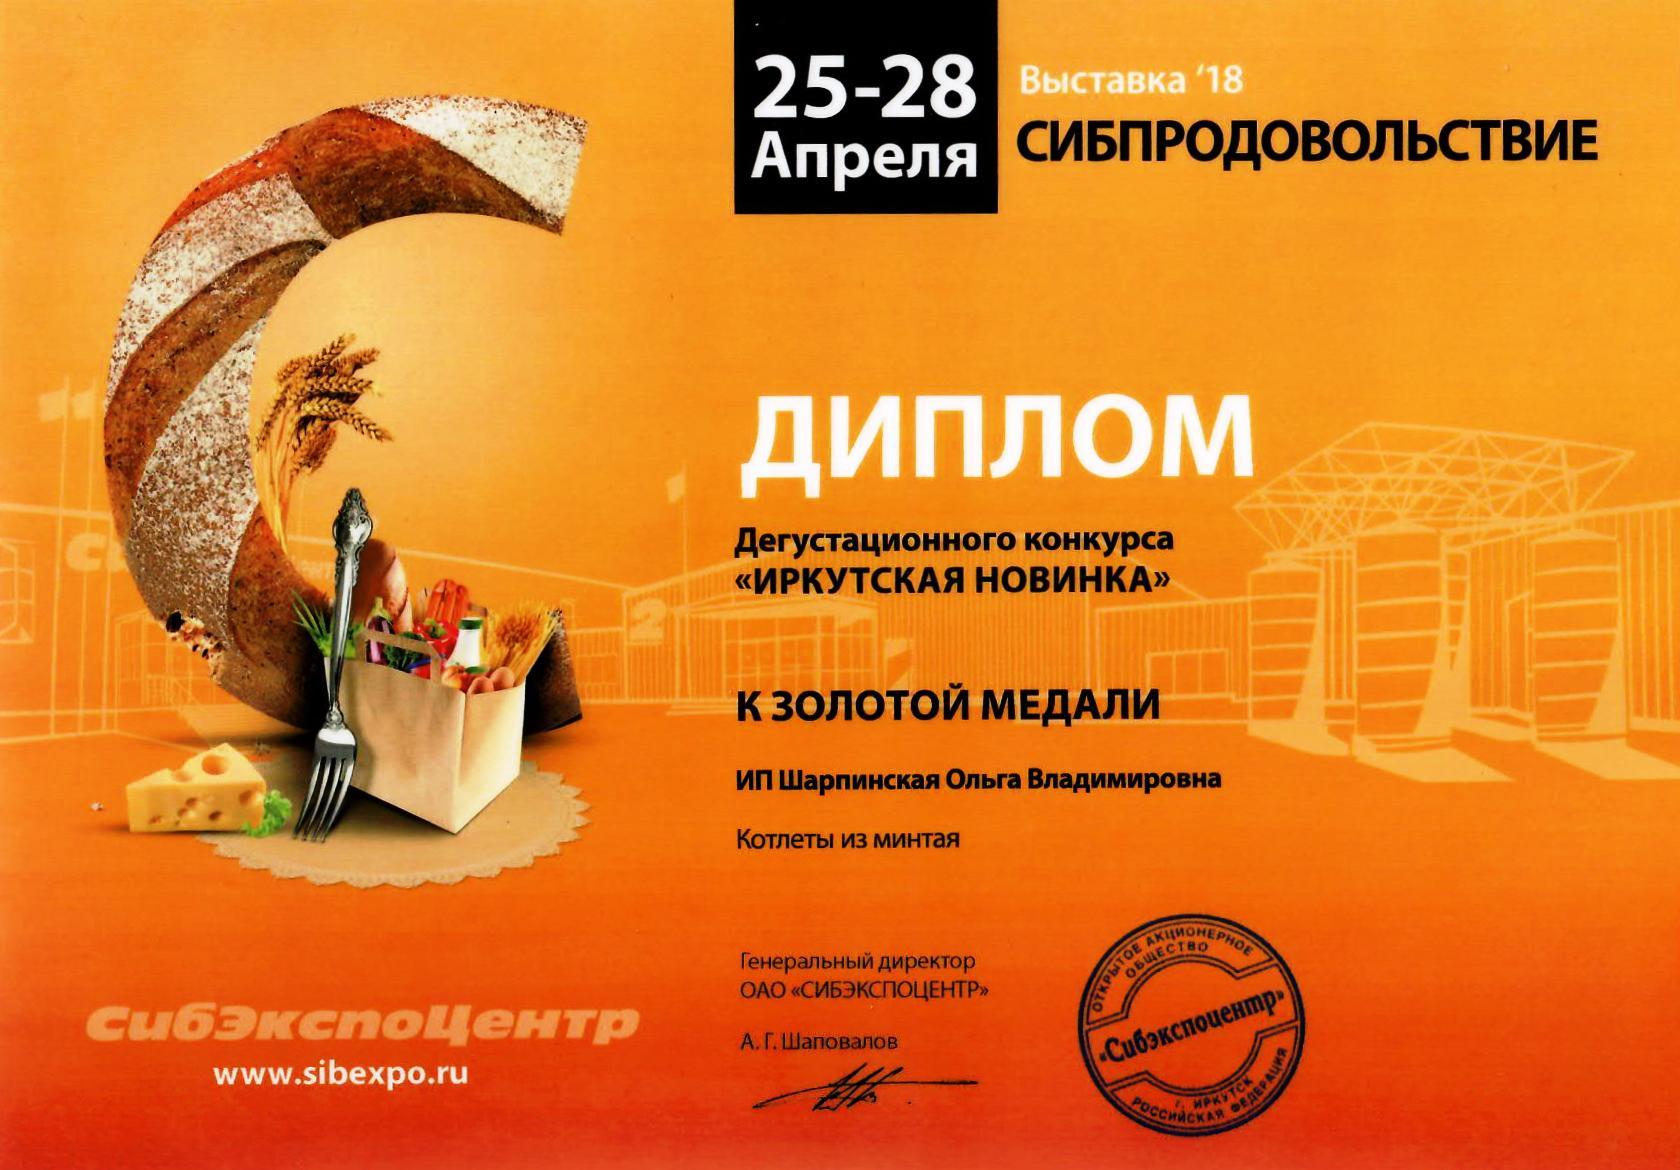 Сибпрод 2018 (рулеты-1) 1